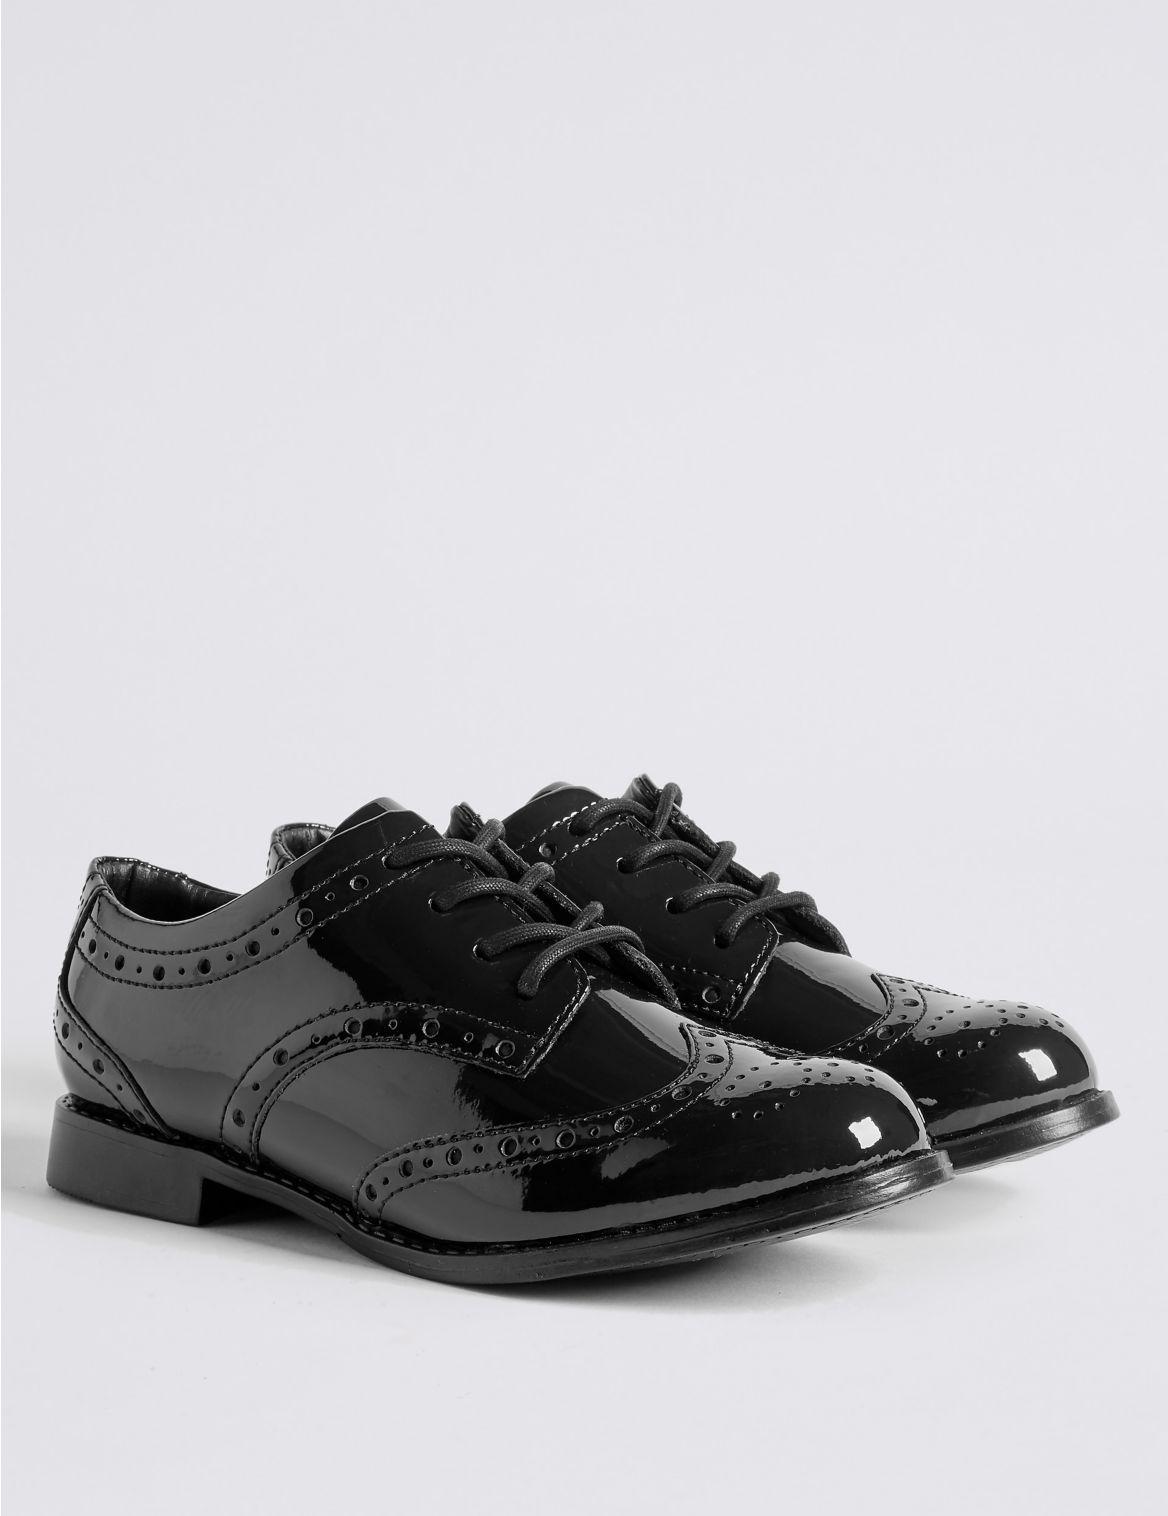 """Chaussures enfants en cuir enduit Freshfeetâ""""? anti-??raflures dot??es de la technologie Insolia FlexÂ?, id??ales pour l'??cole. StyleForm"""